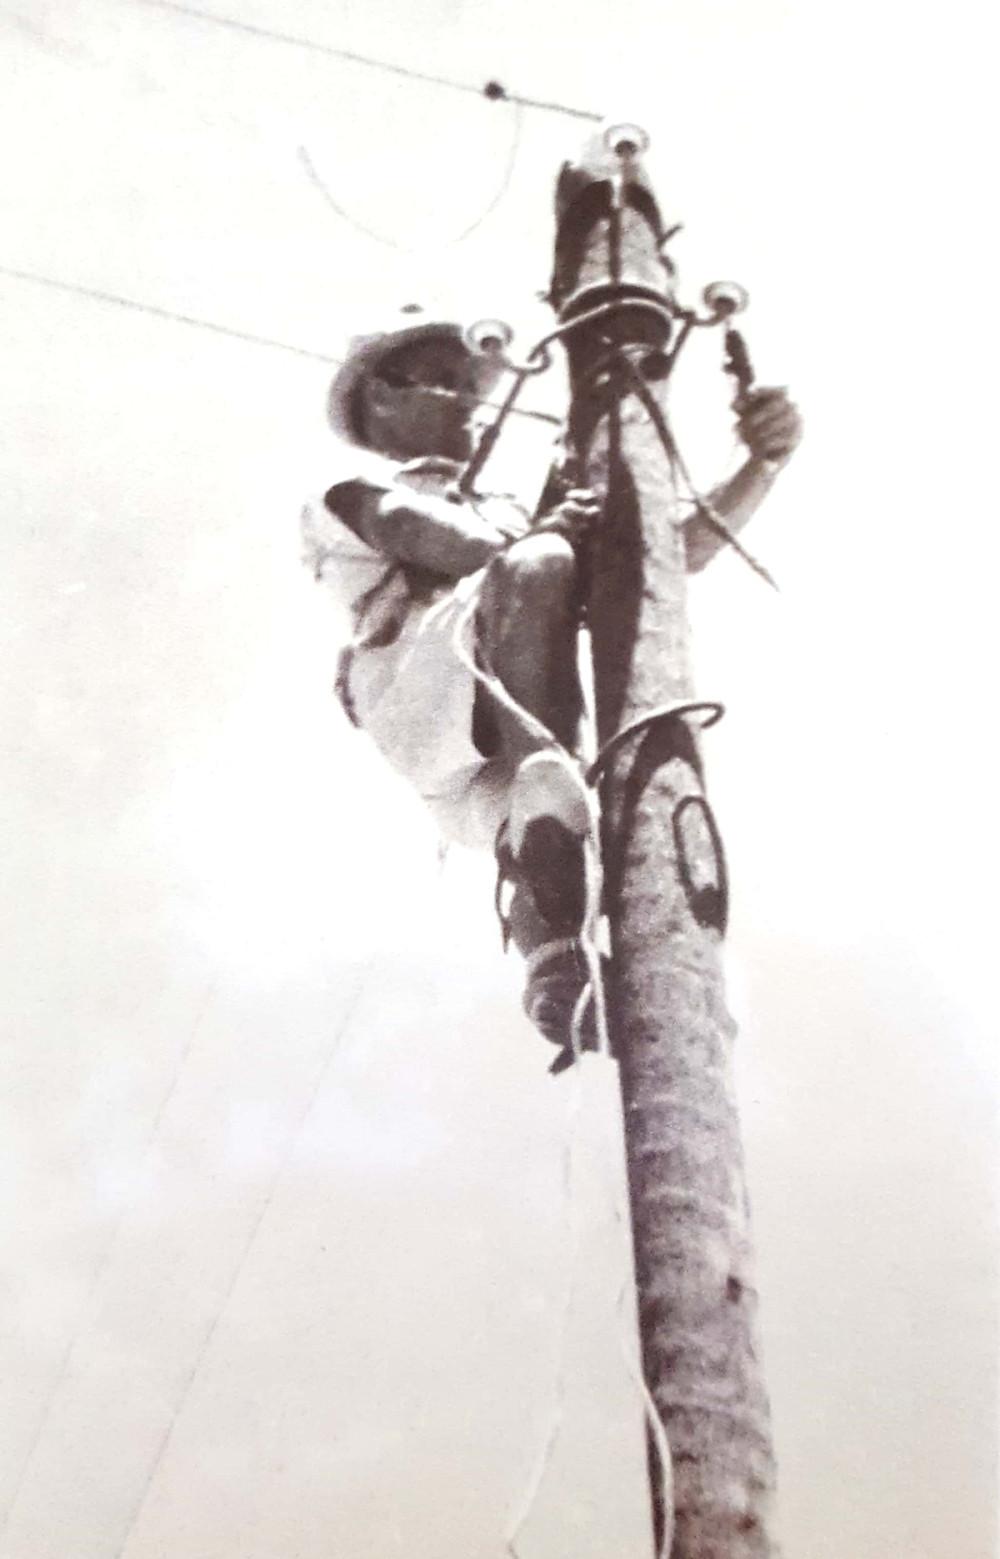 פרנץ קאודר מטפס על עמוד חשמל